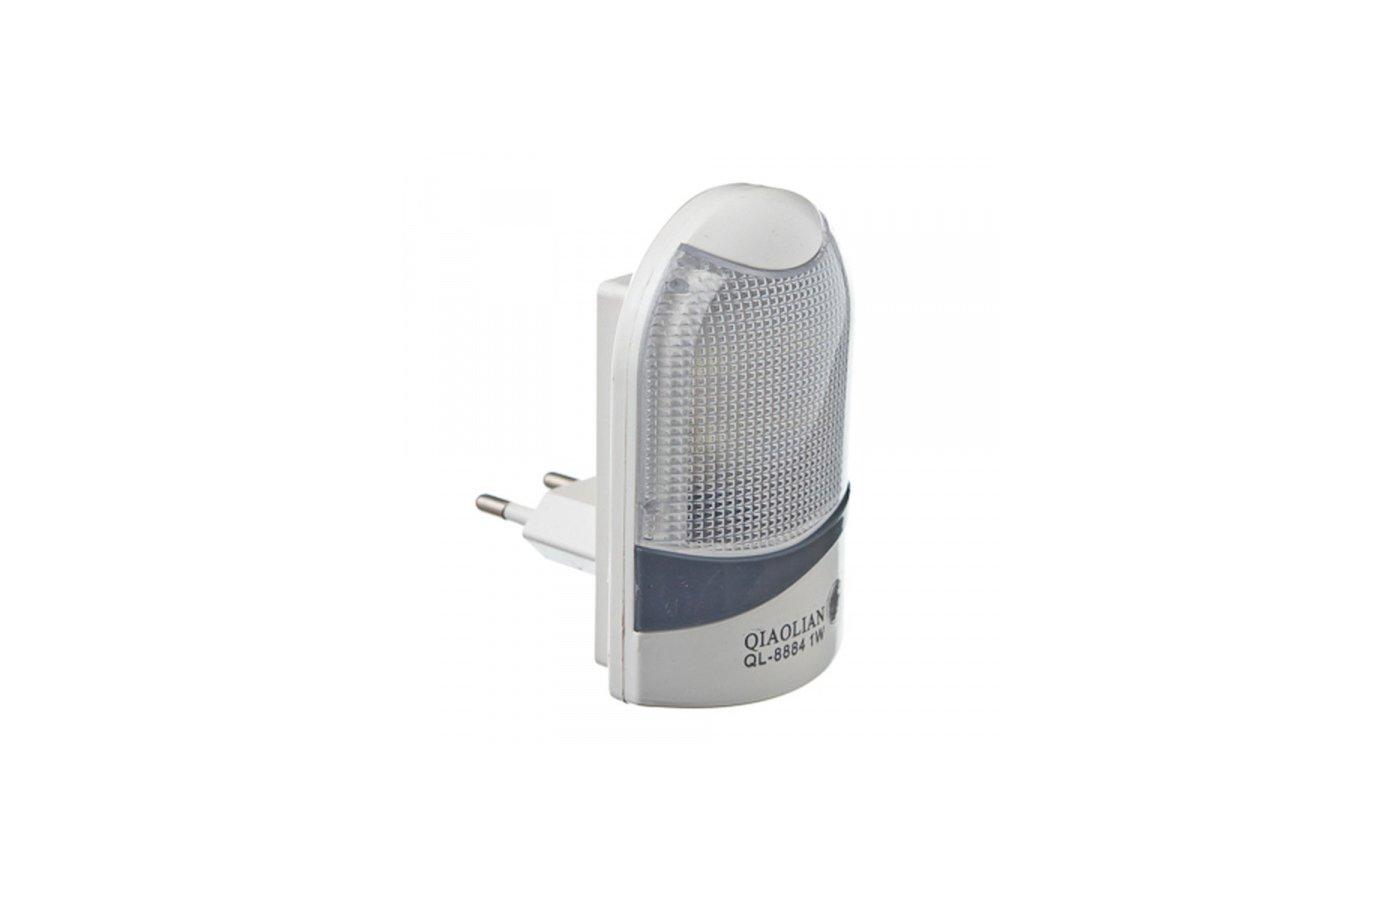 Декоративный светильник 920-013 Ночник светодиодный с выключателем-датчиком освещения 220В